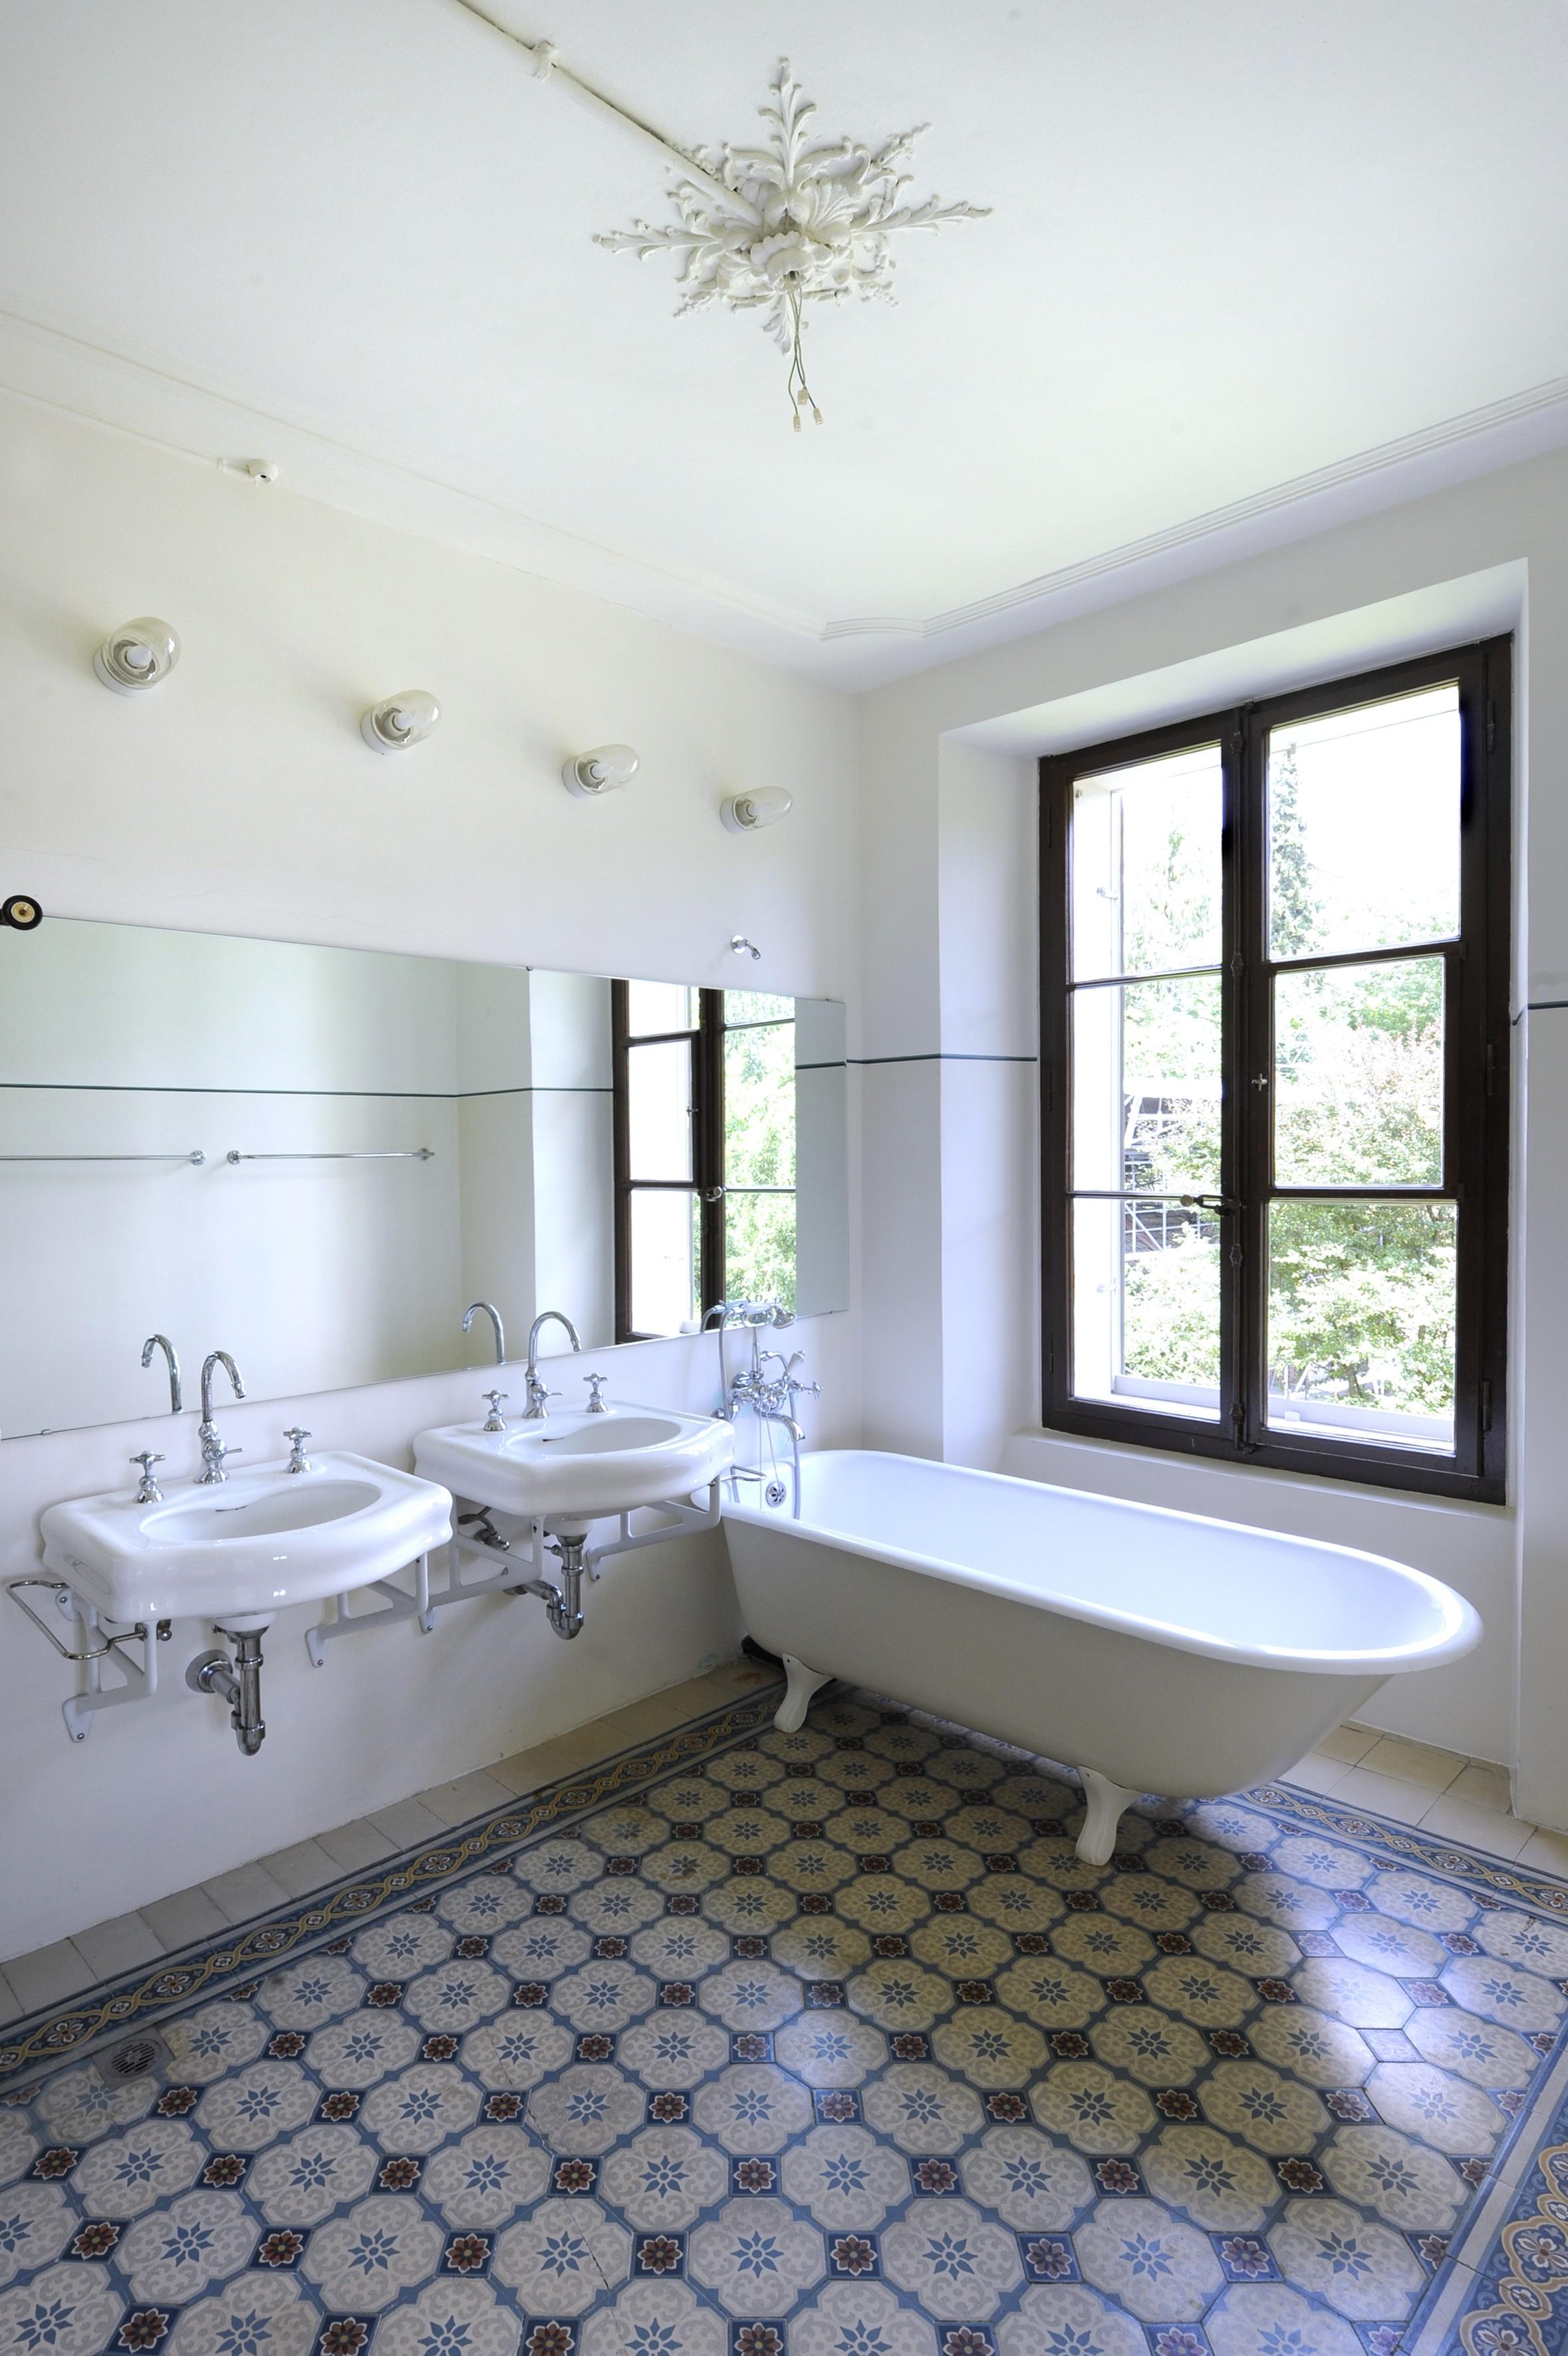 auszeichnung f r sanfte restaurierung und umbau villa favorita in biel erh lt den denkmalpreis. Black Bedroom Furniture Sets. Home Design Ideas